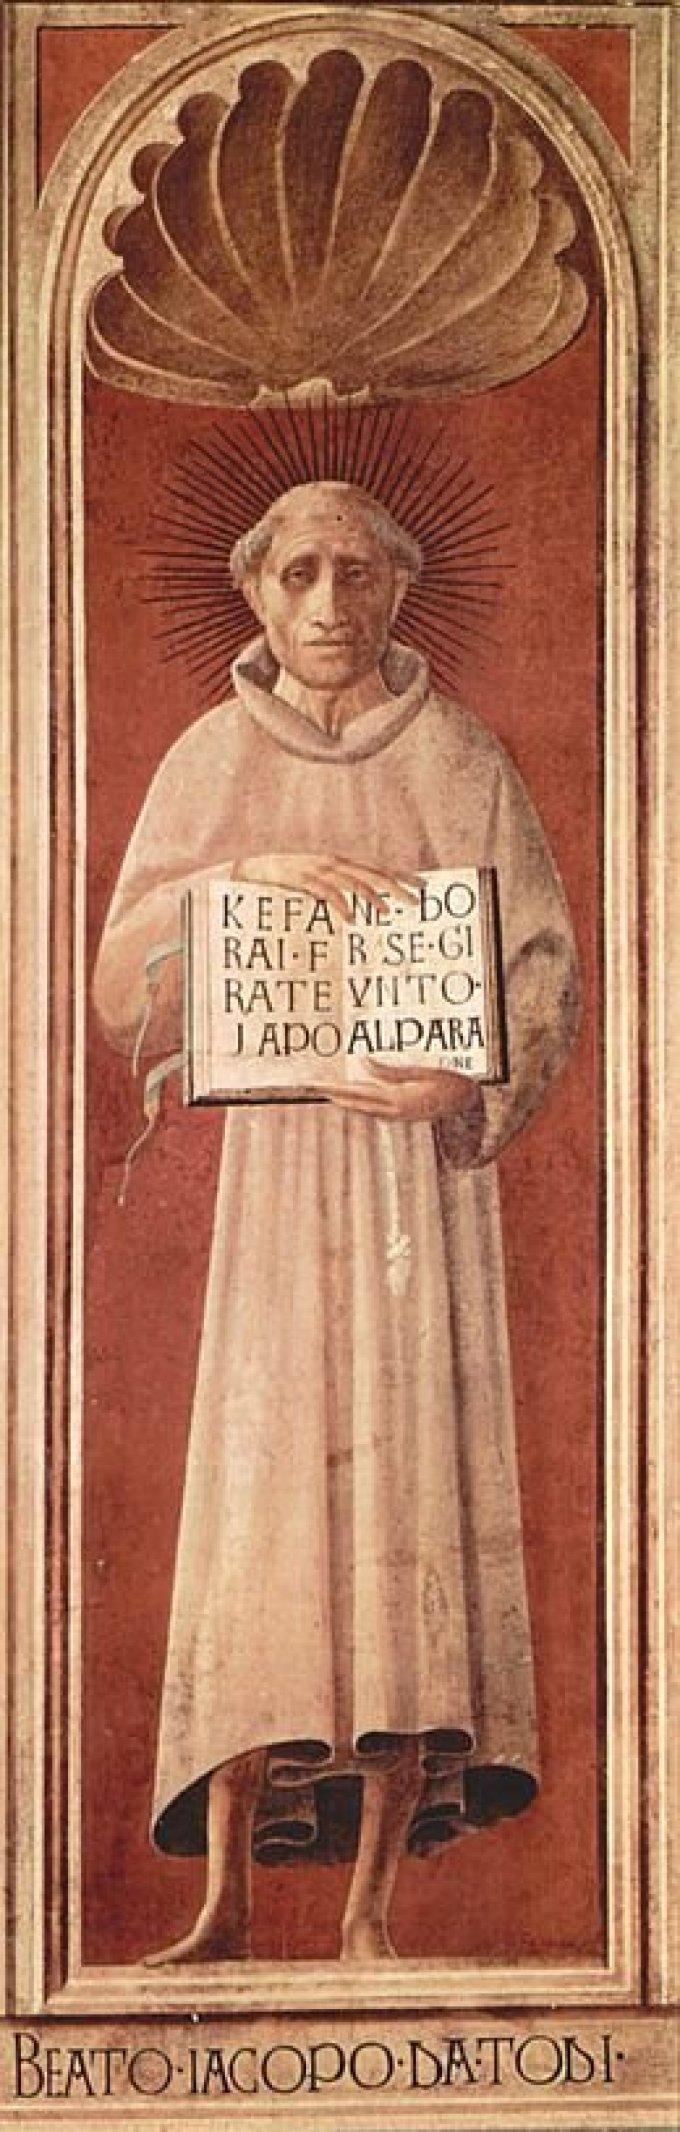 Le 25 décembre : Saint Jacopone de Todi